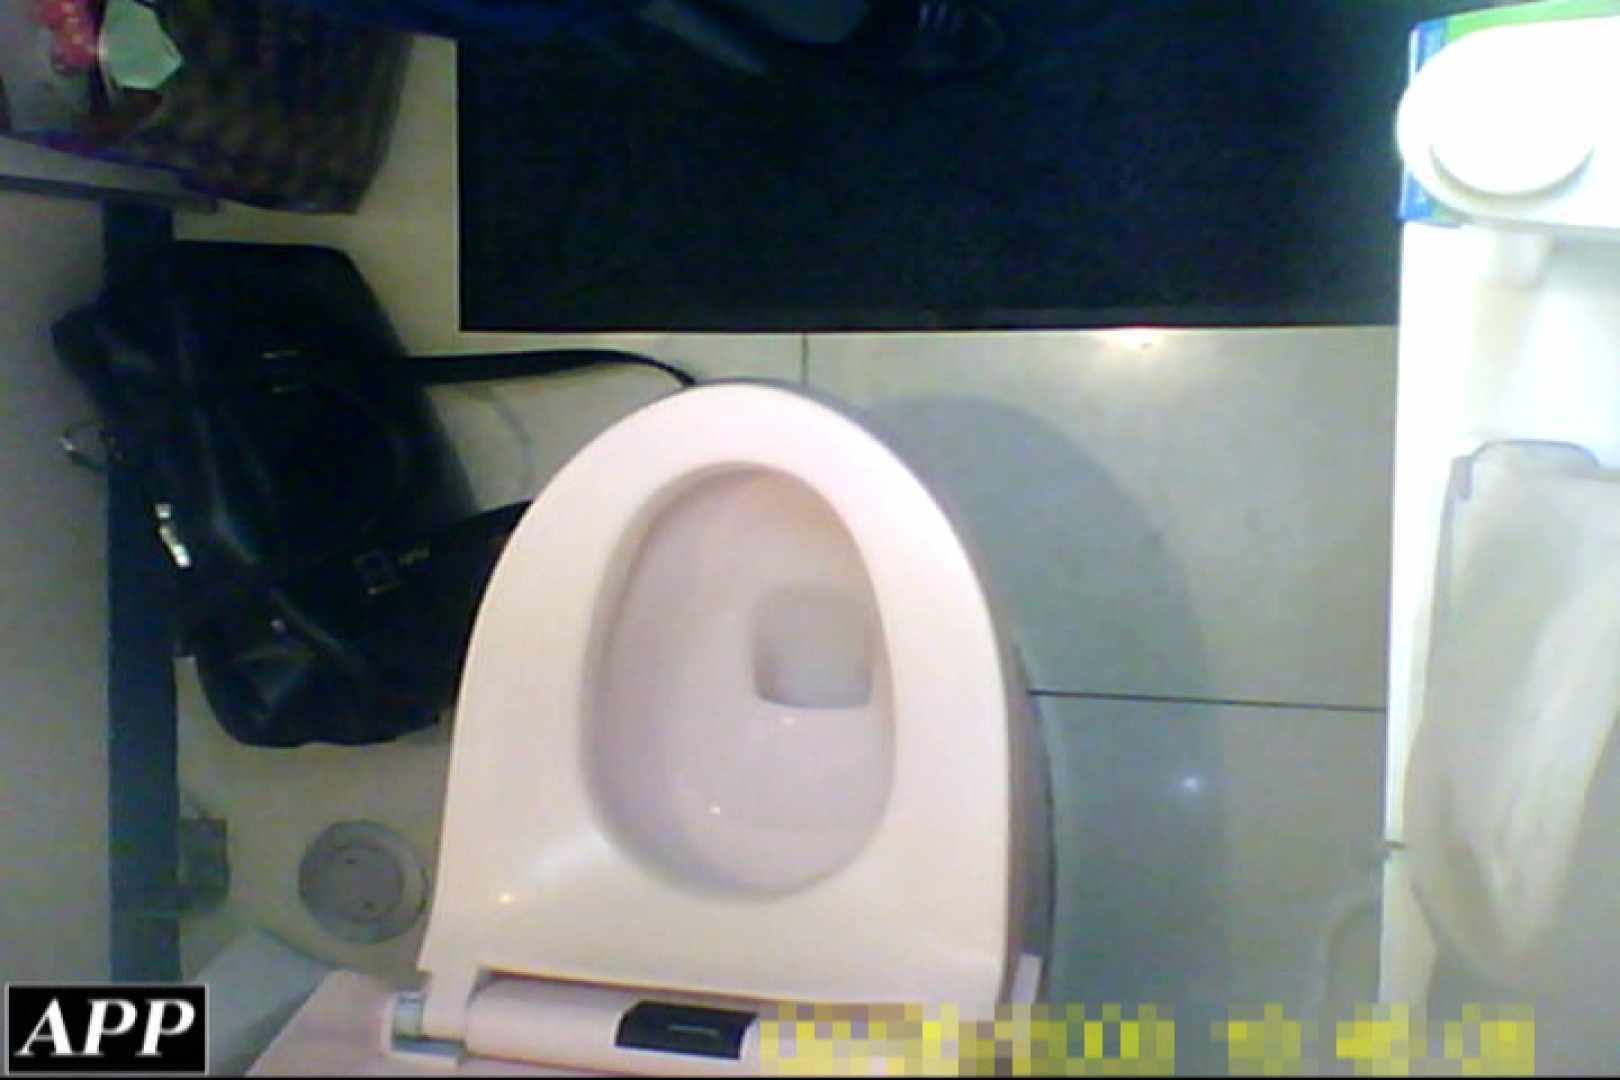 3視点洗面所 vol.13 OLのボディ | オマンコ  67PIX 13